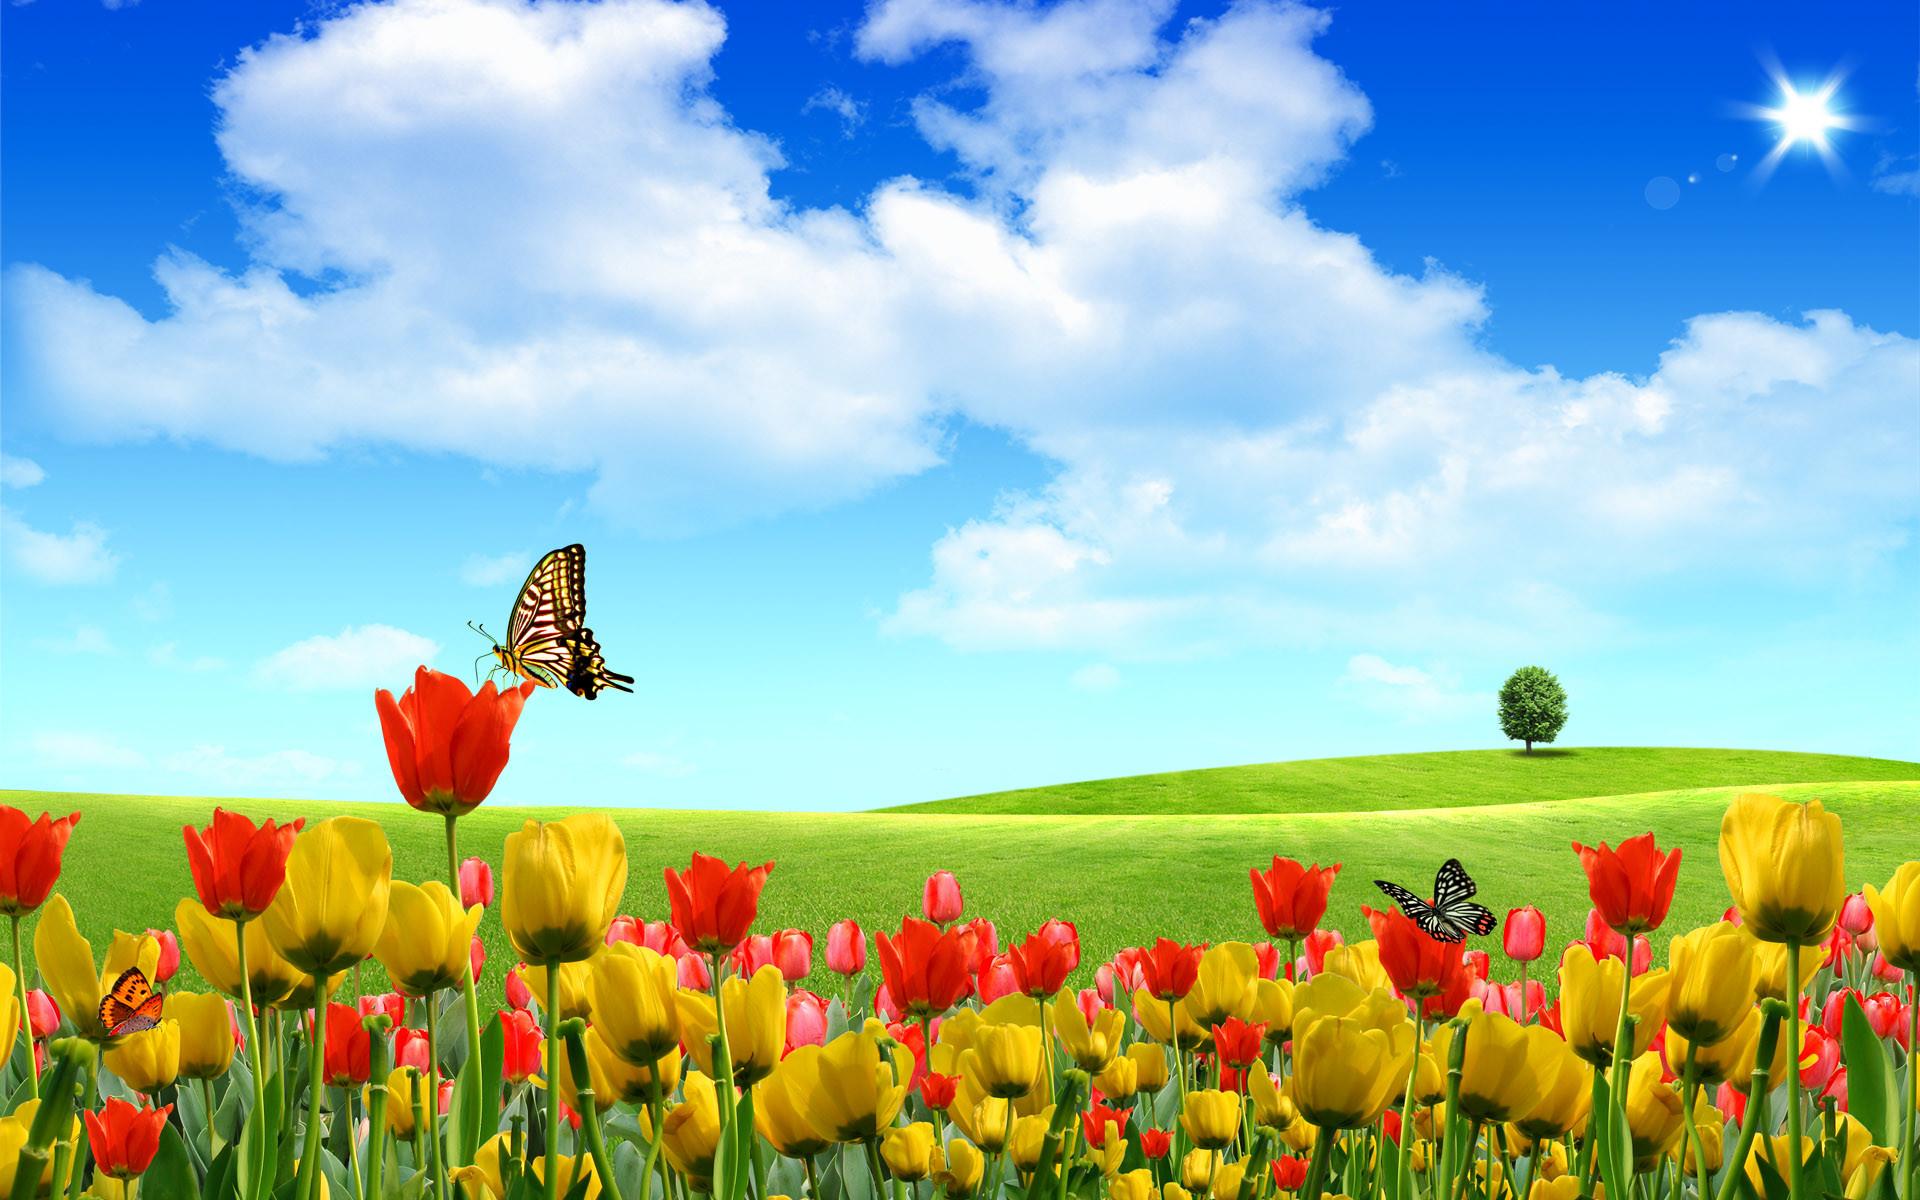 Beautiful World | Dreamy World Nature Wallpaper, Backgrounds, Desktop,  Wallpapers